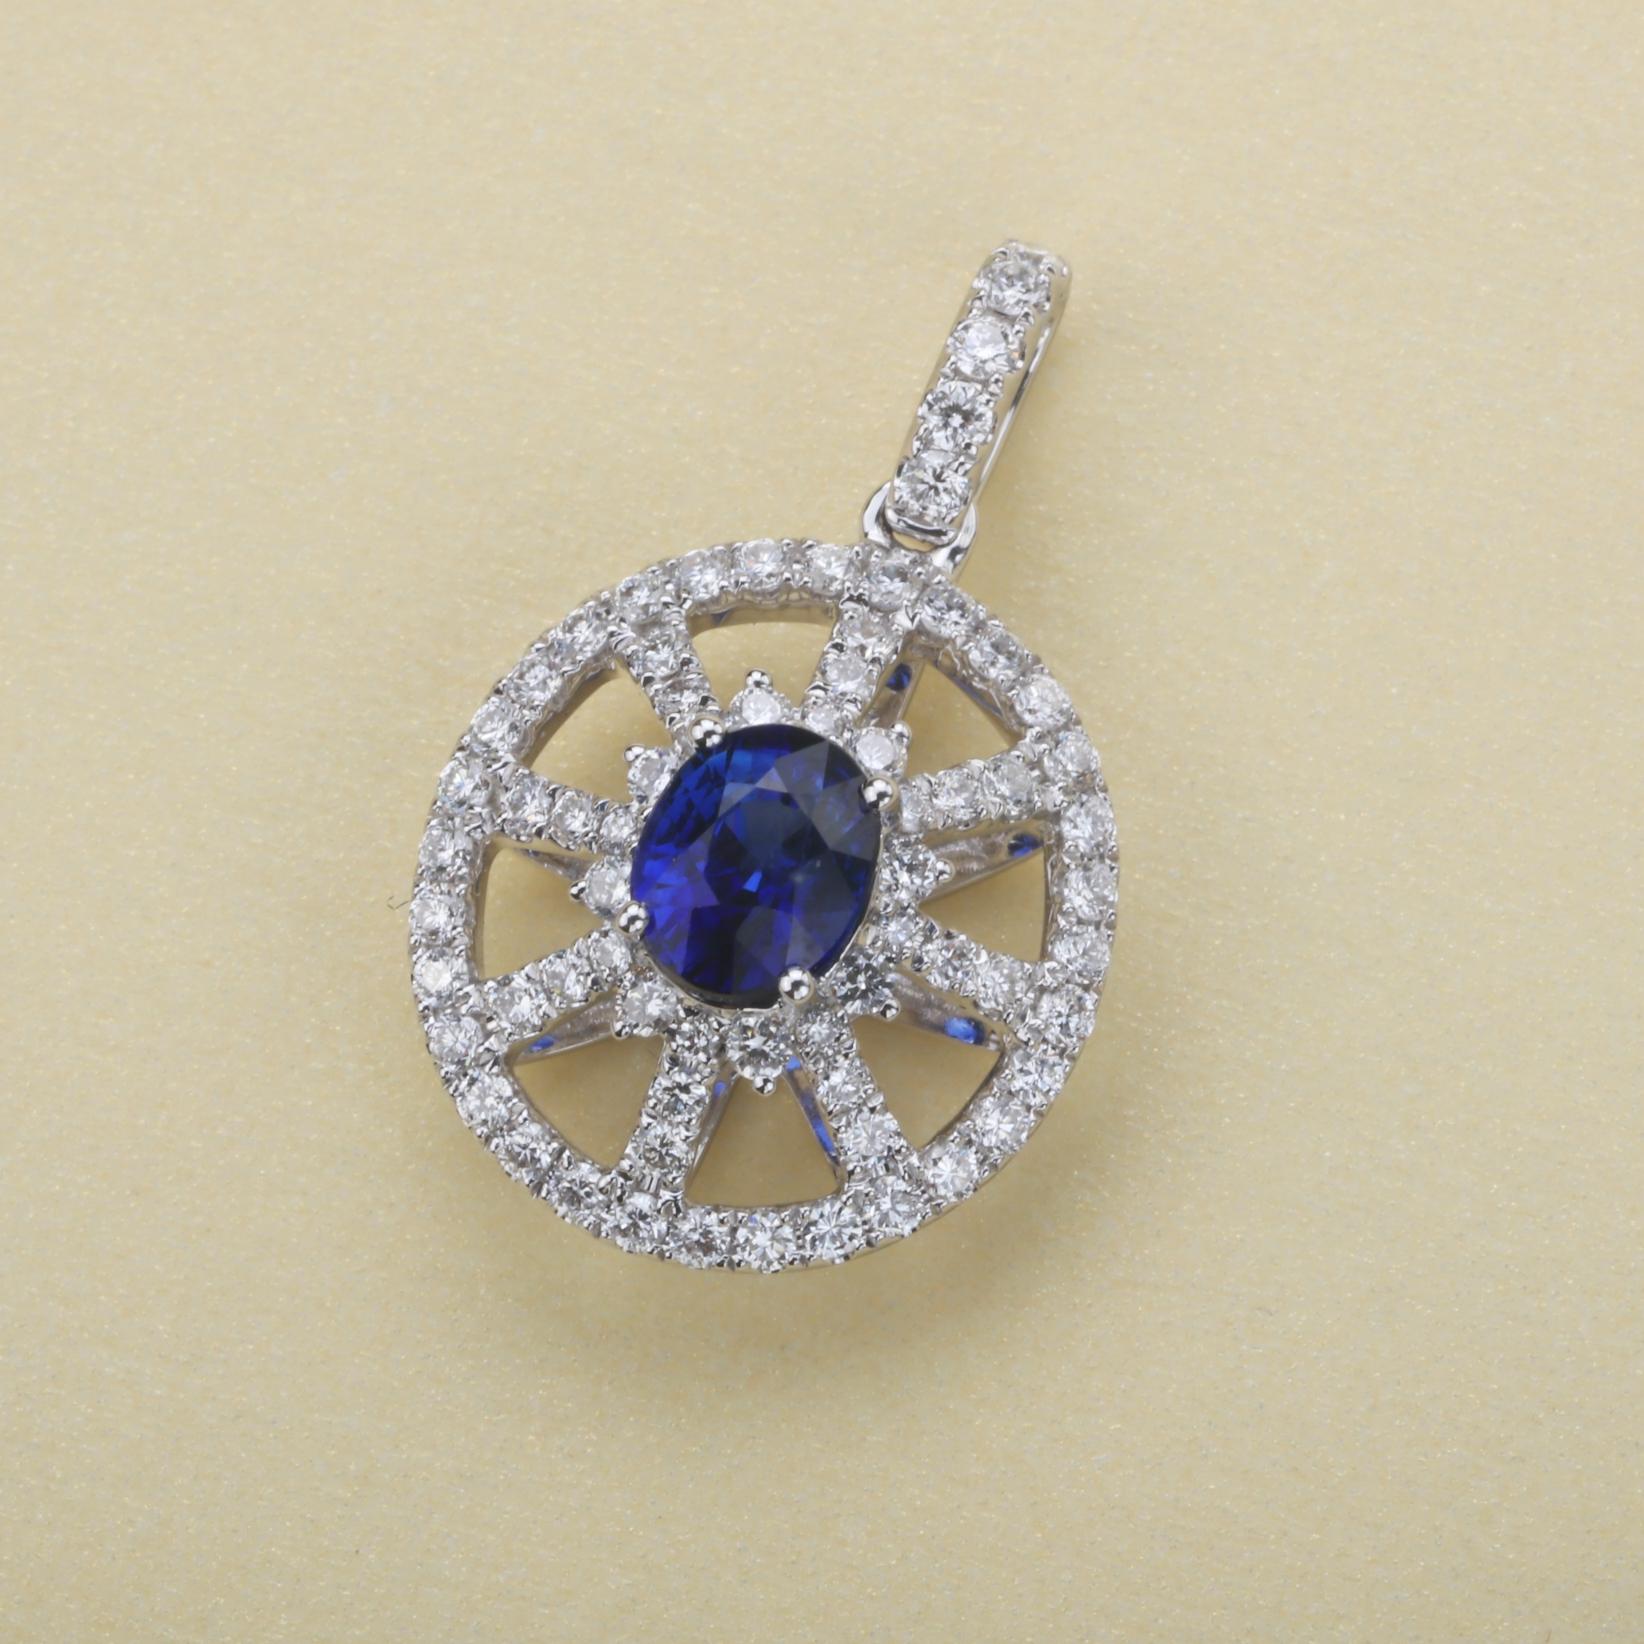 【吊坠】18k金+蓝宝石+钻石  宝石颜色纯正(不含链子) 货重:2.38g  主石:0.69ct